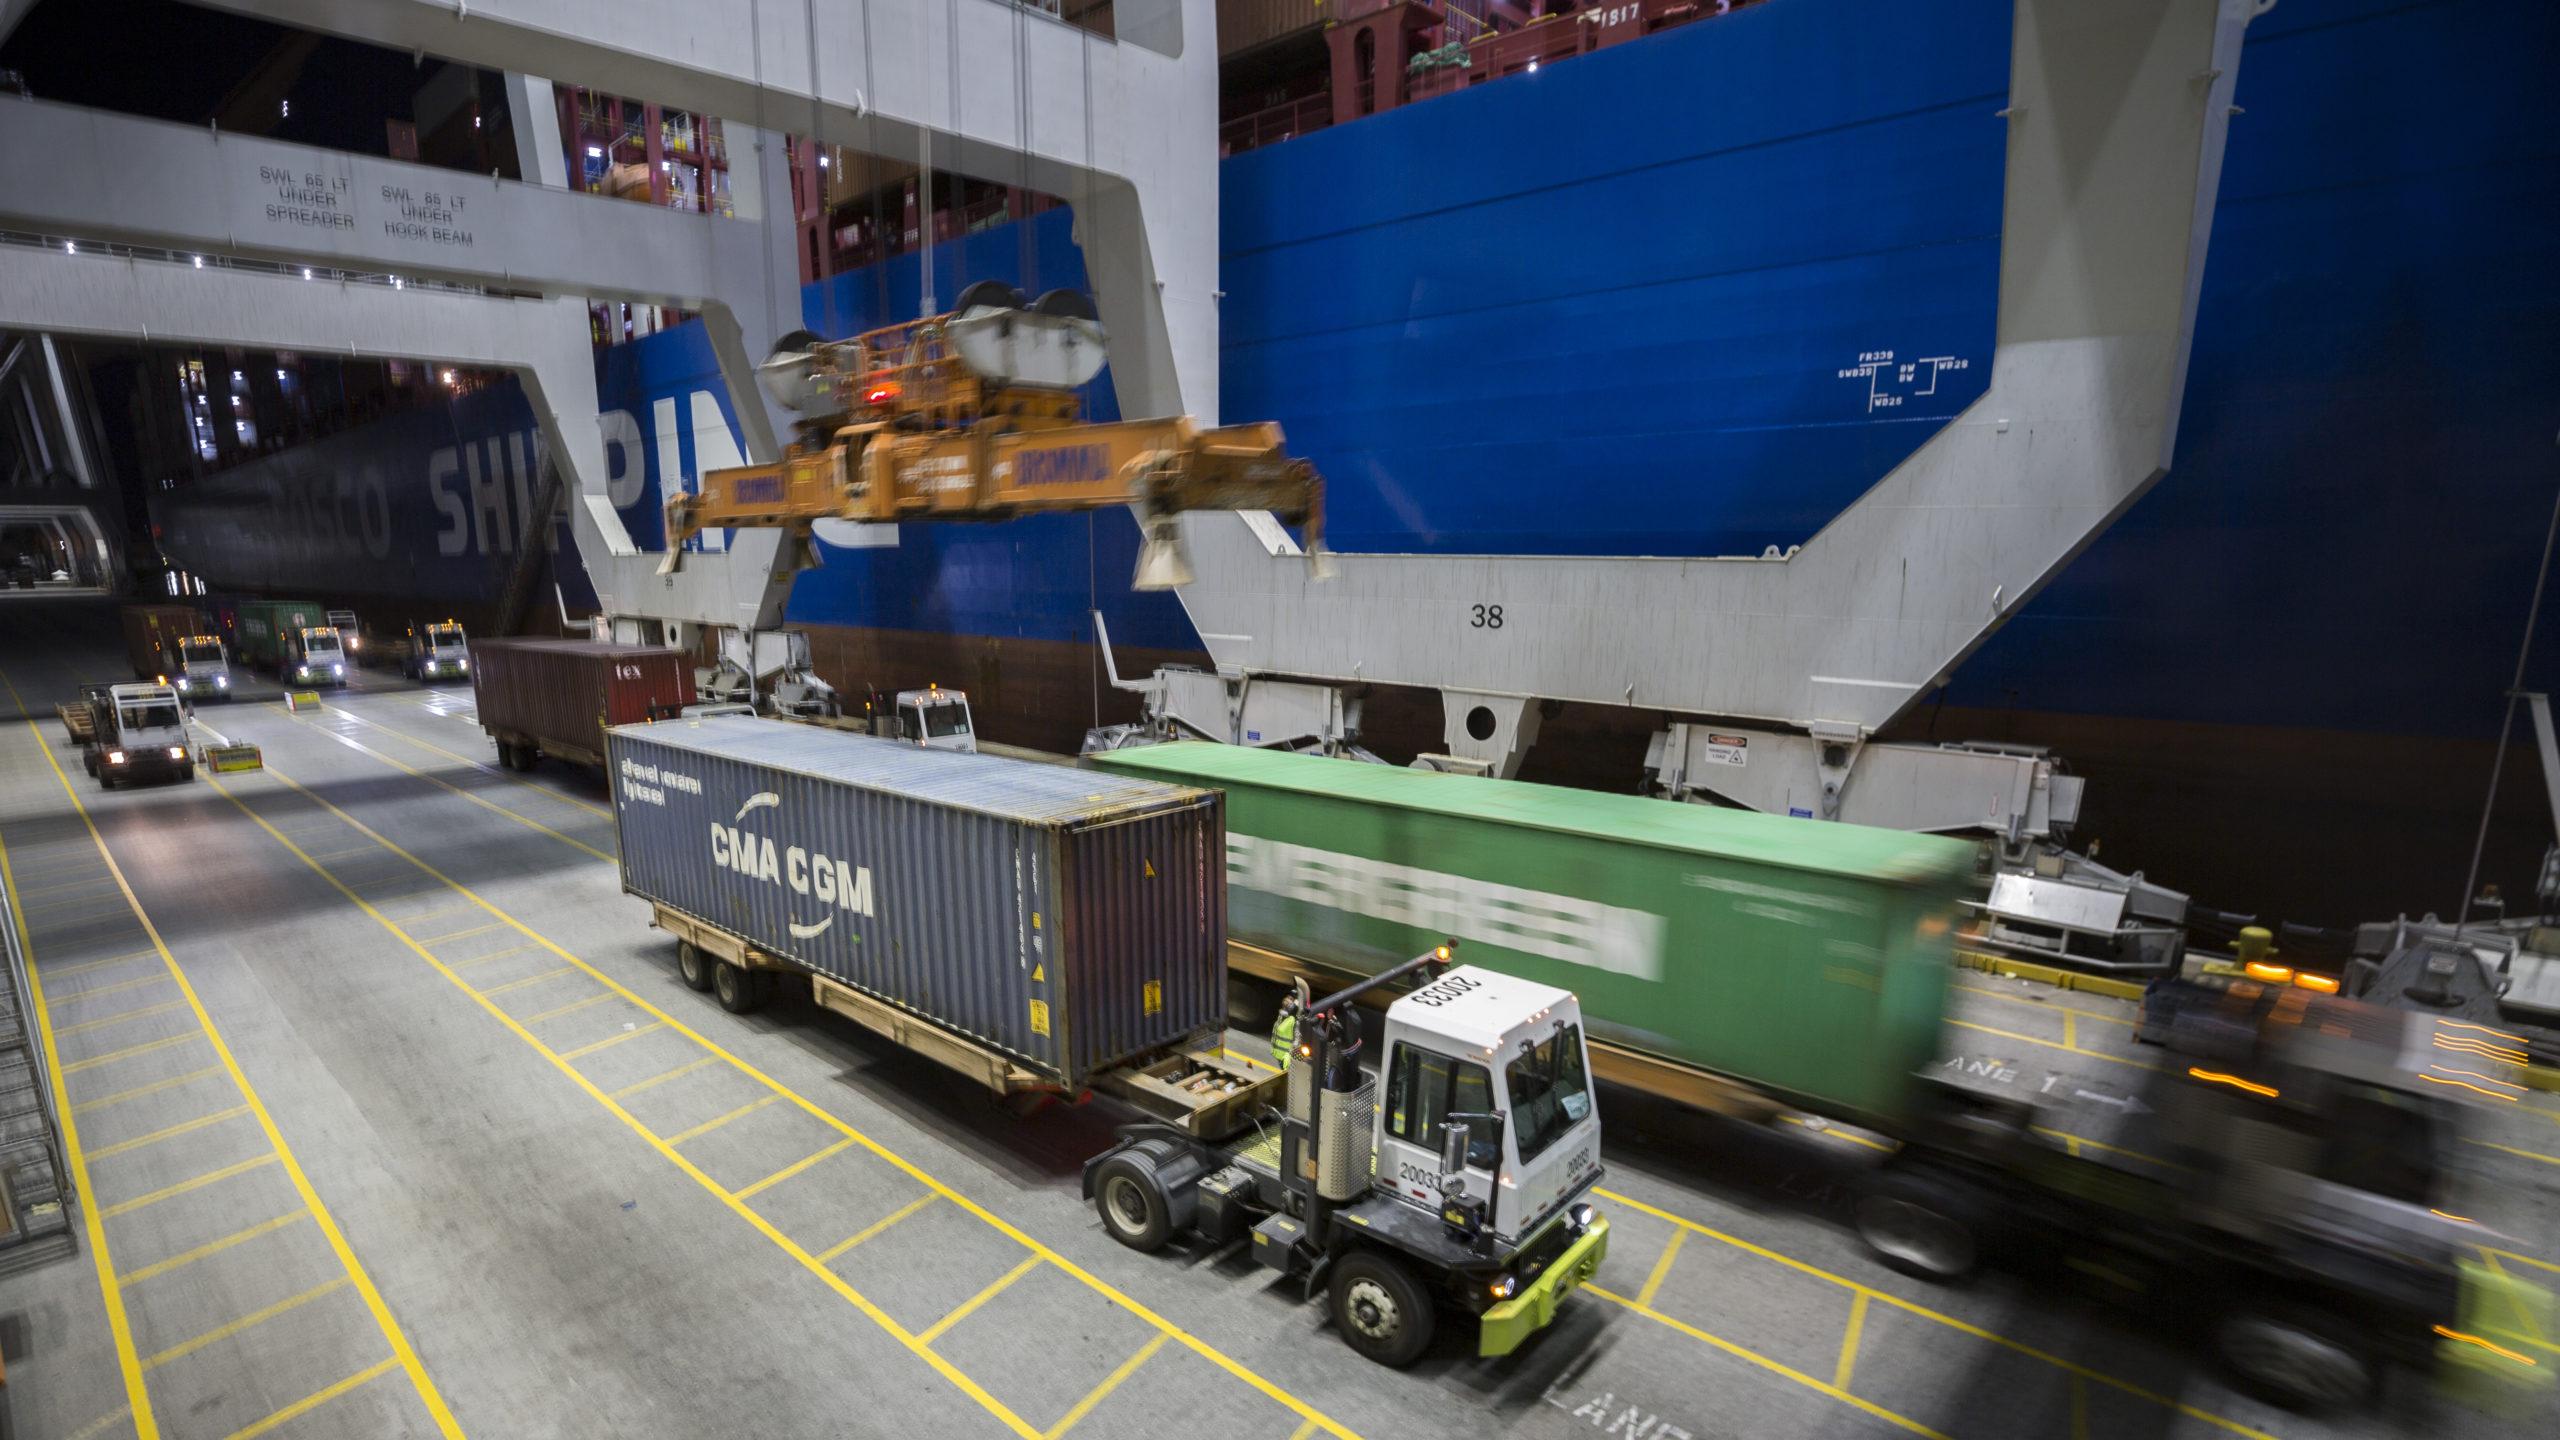 Ship to shore cranes move cargo into the night at the Georgia Ports Authority's Port of Savannah Garden City Terminal, Wednesday, March, 25, 2020, in Garden City, Ga. (GPA Photo/Stephen B. Morton)